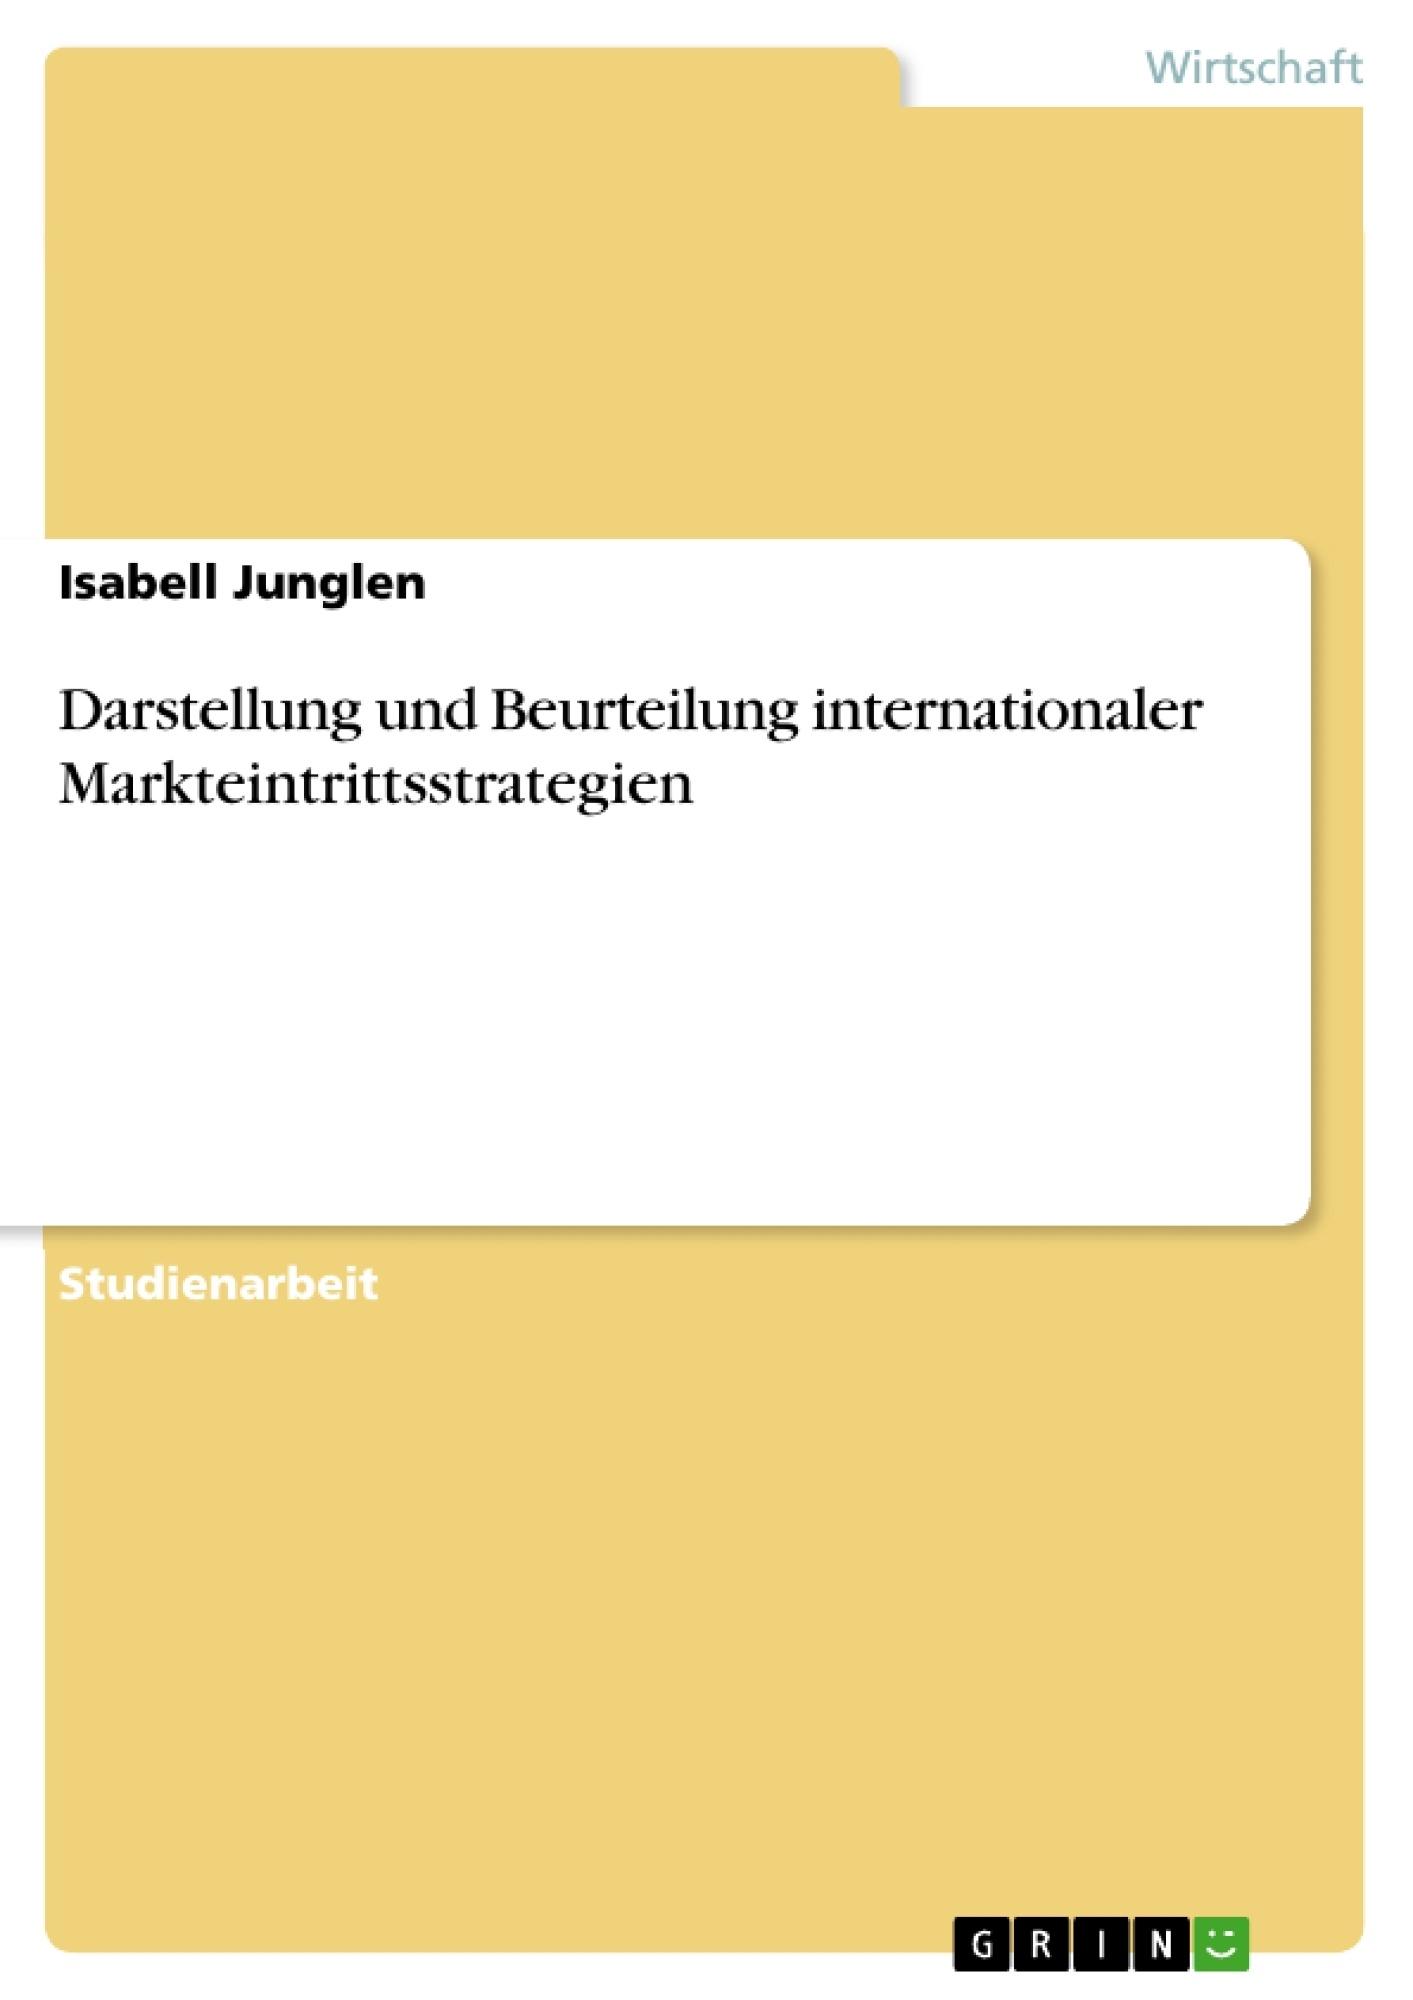 Titel: Darstellung und Beurteilung internationaler Markteintrittsstrategien